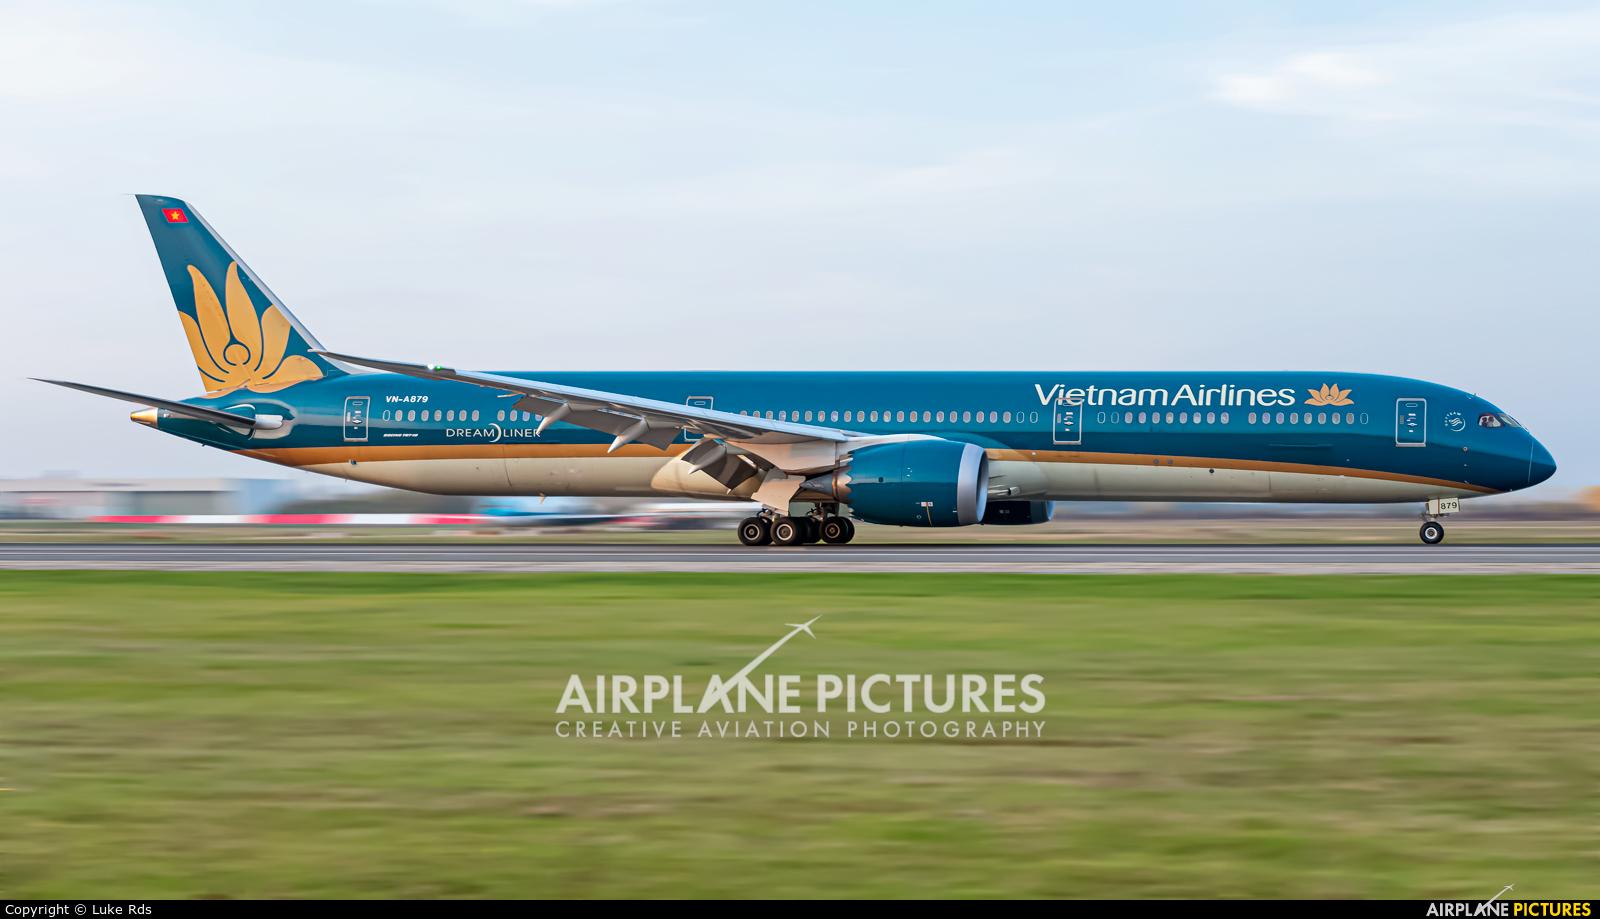 Vietnam Airlines VN-A879 aircraft at Bucharest - Henri Coandă